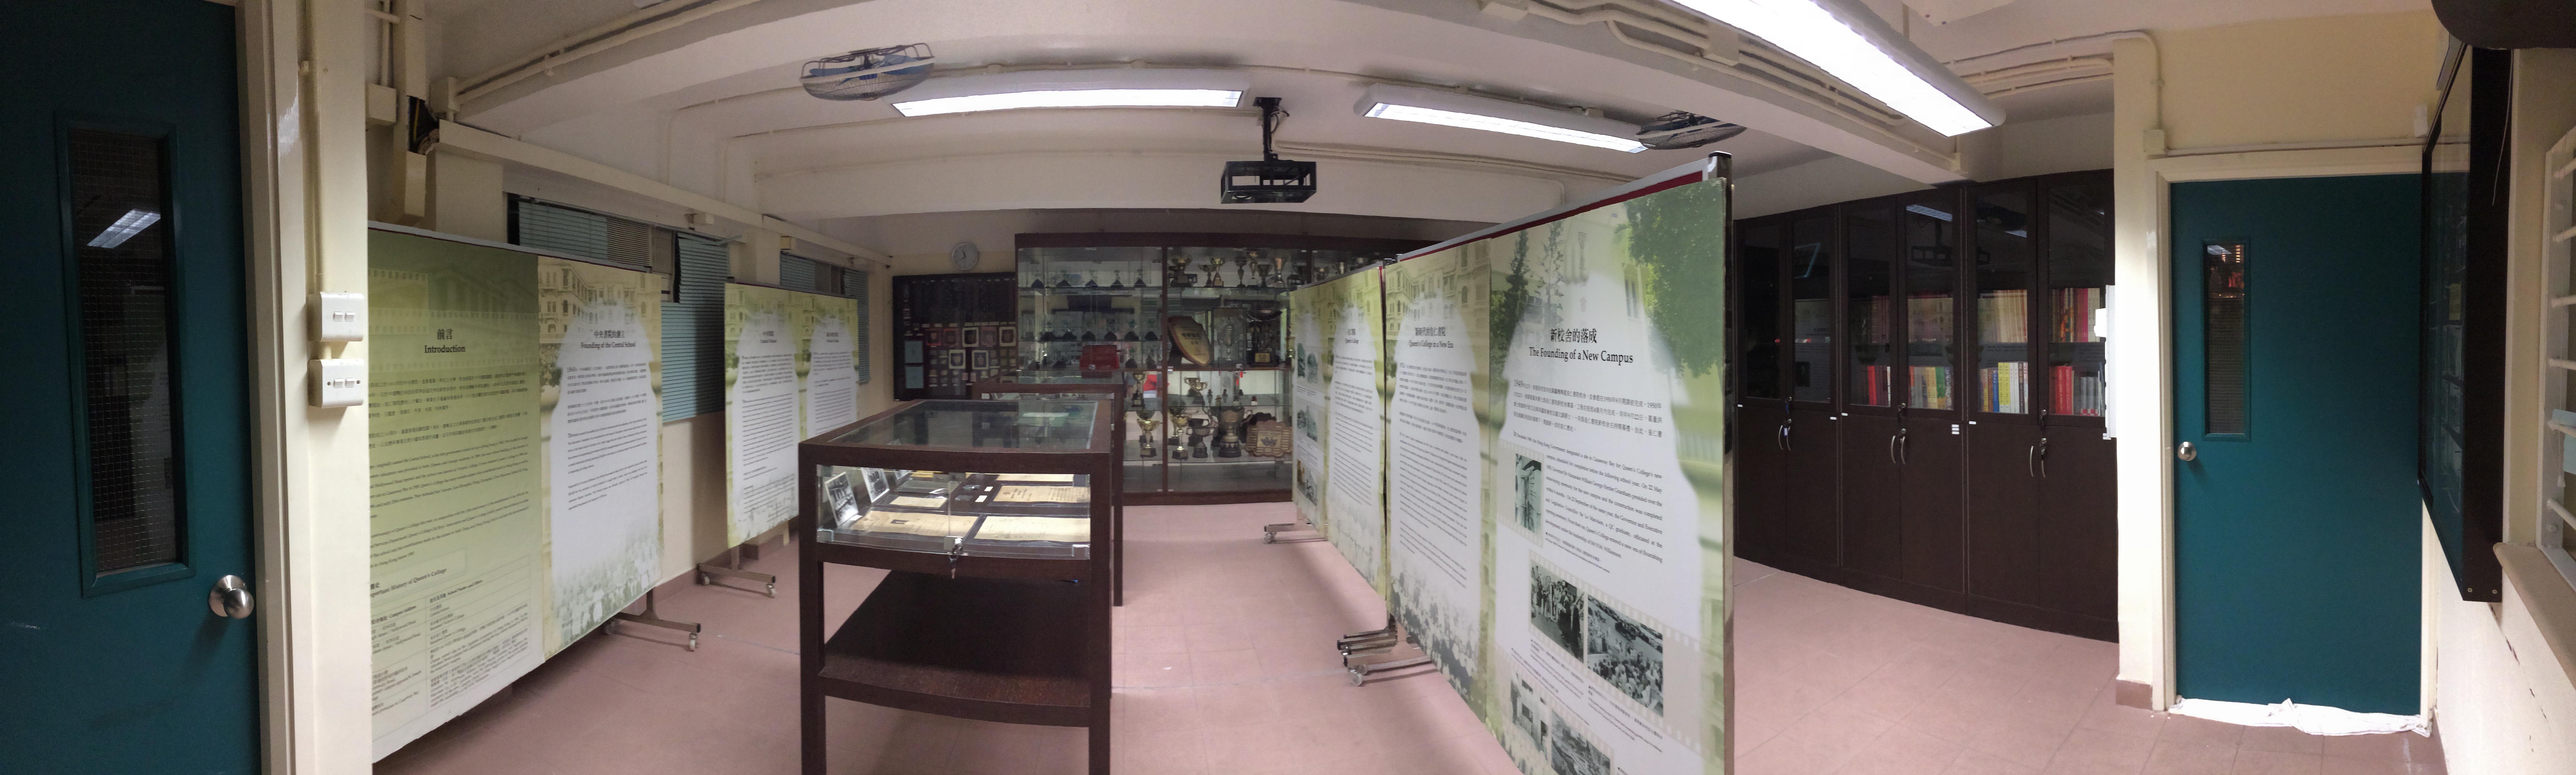 Panoramic View 展覽全景圖